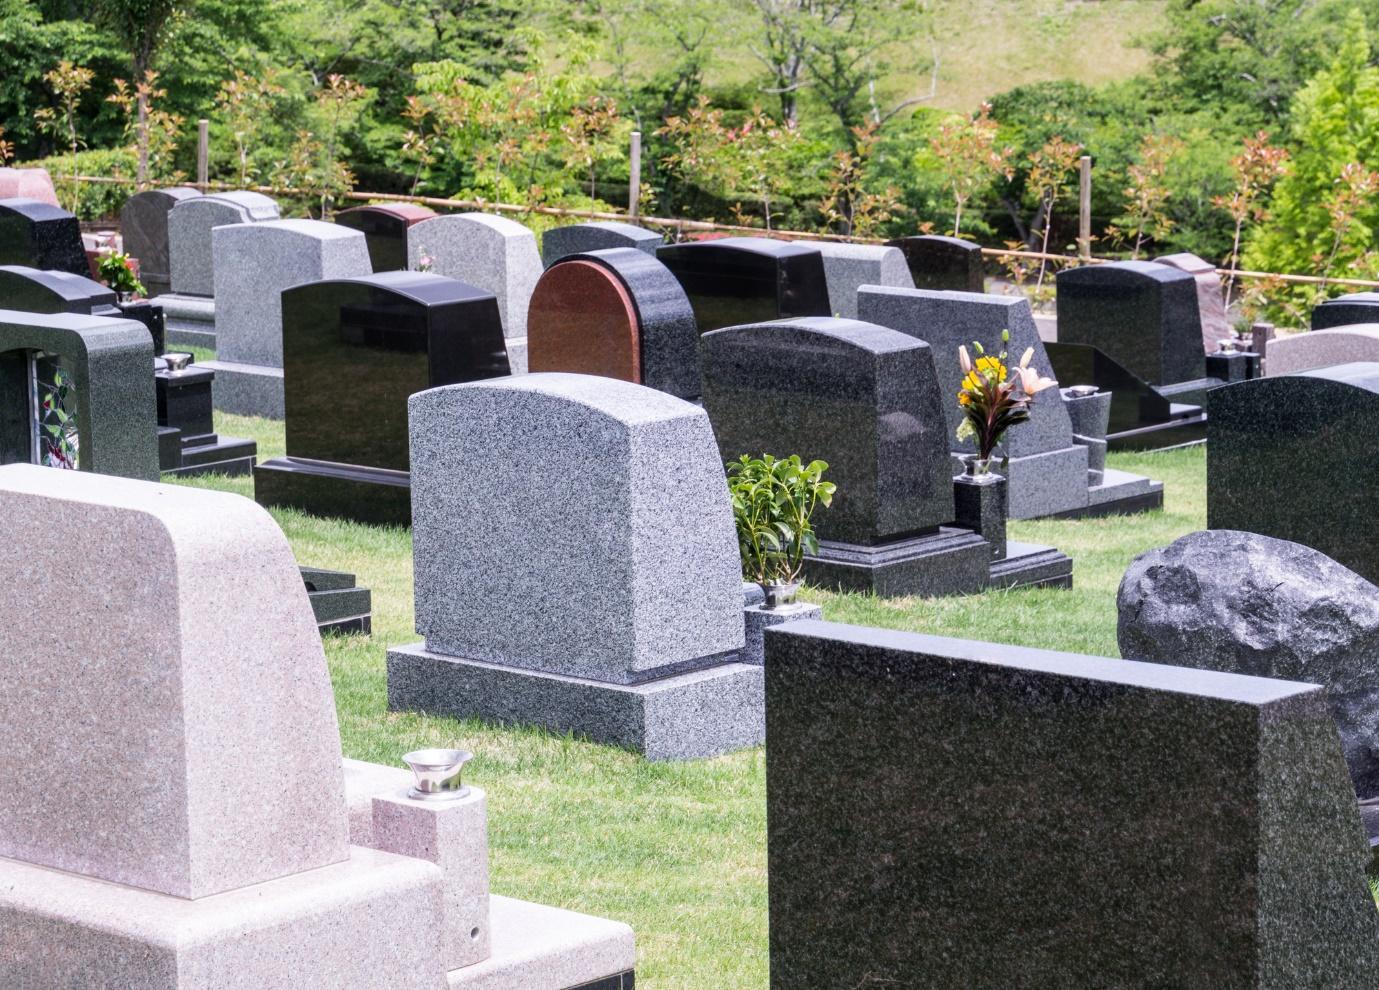 お墓のデザインに流行はあるの?使用できる石材や注文方法も解説   市川市の霊園・お墓・墓地・墓石の事は和泉家石材店へ